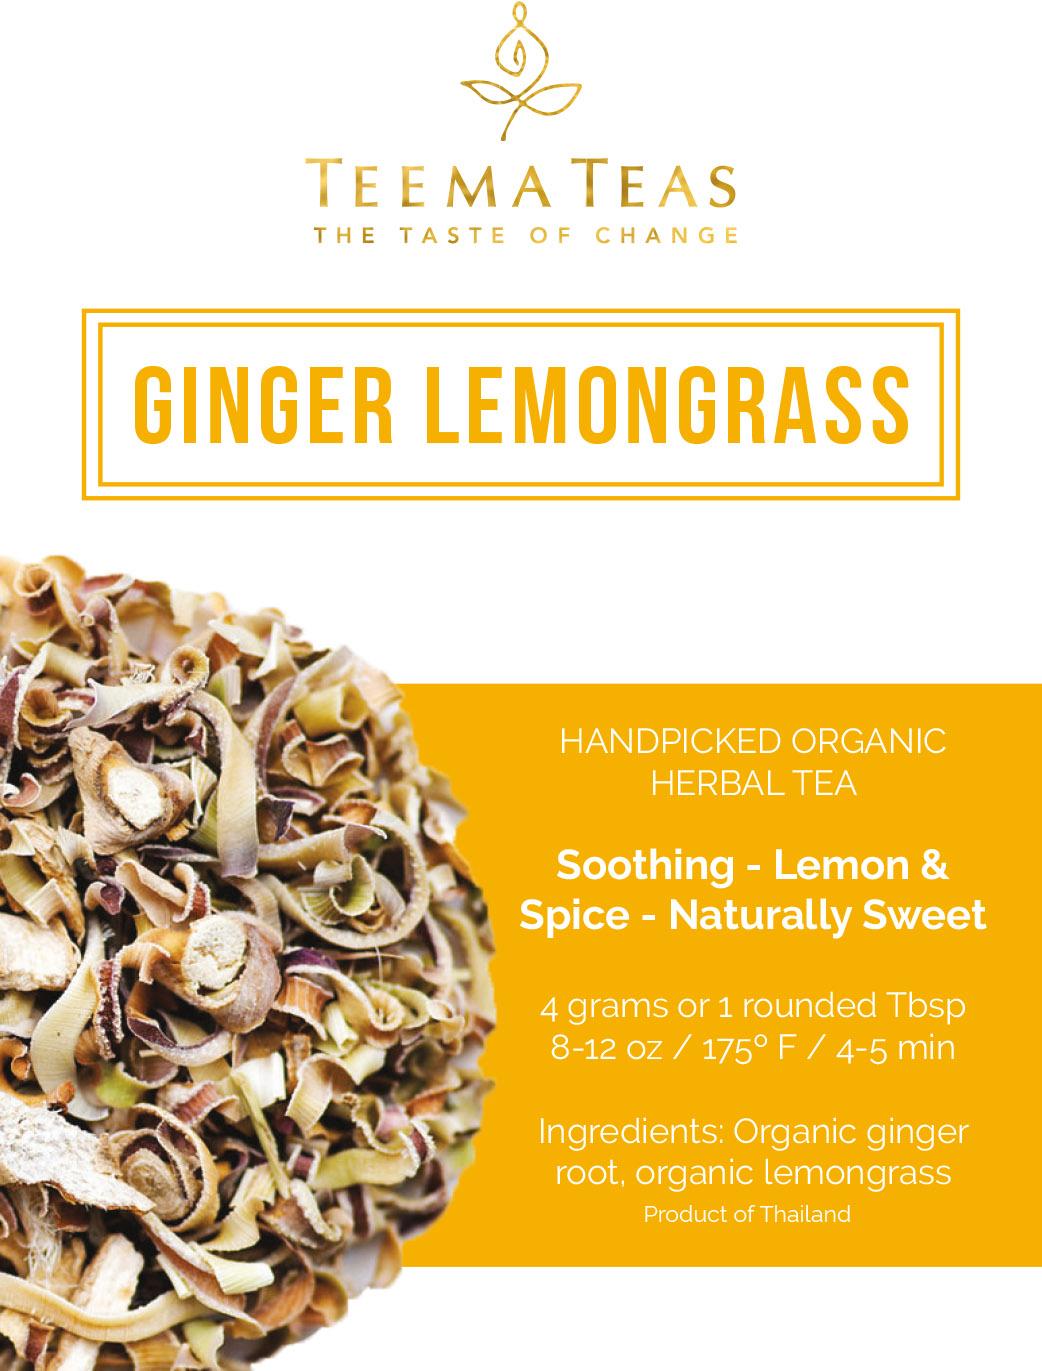 Ginger Lemongrass.jpg